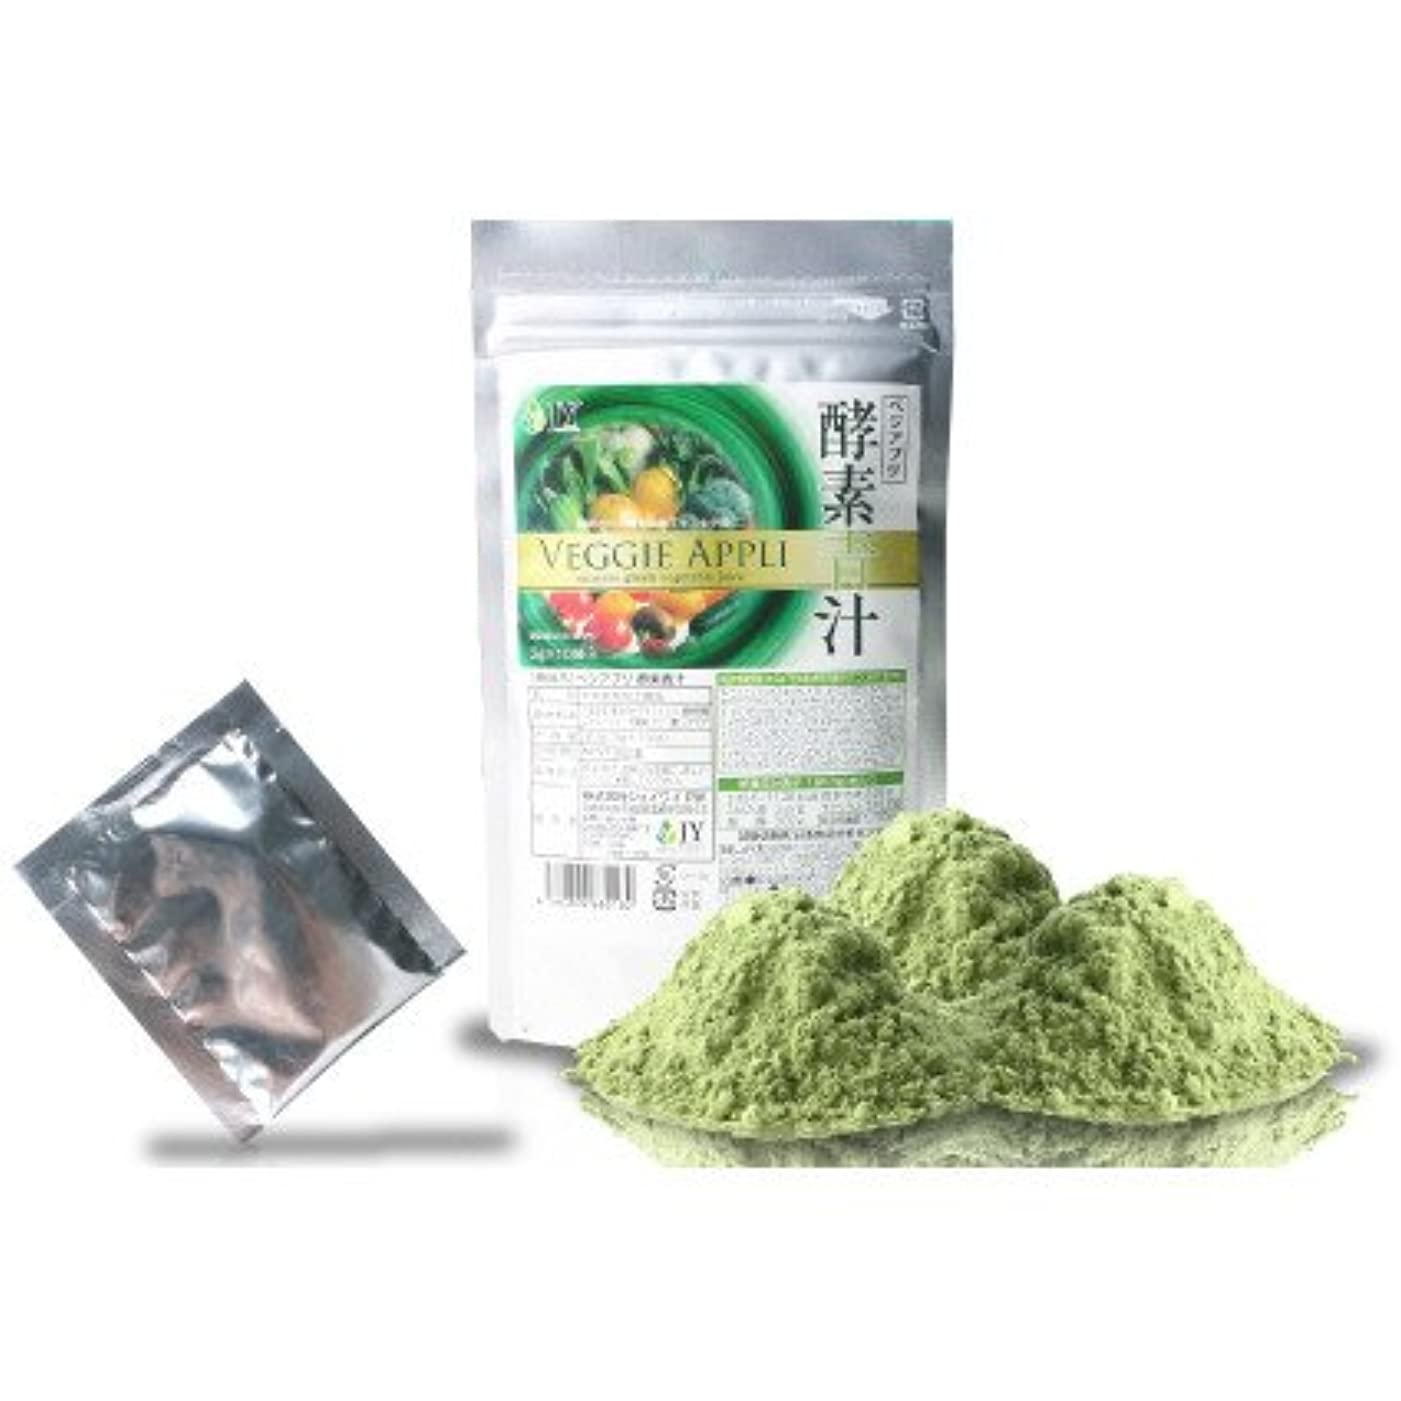 通訳名目上のルール酵素と青汁と乳酸菌、効率よくダイエットをサポート『ベジアプリ 酵素青汁 約10日間お試しサイズ10包入り』